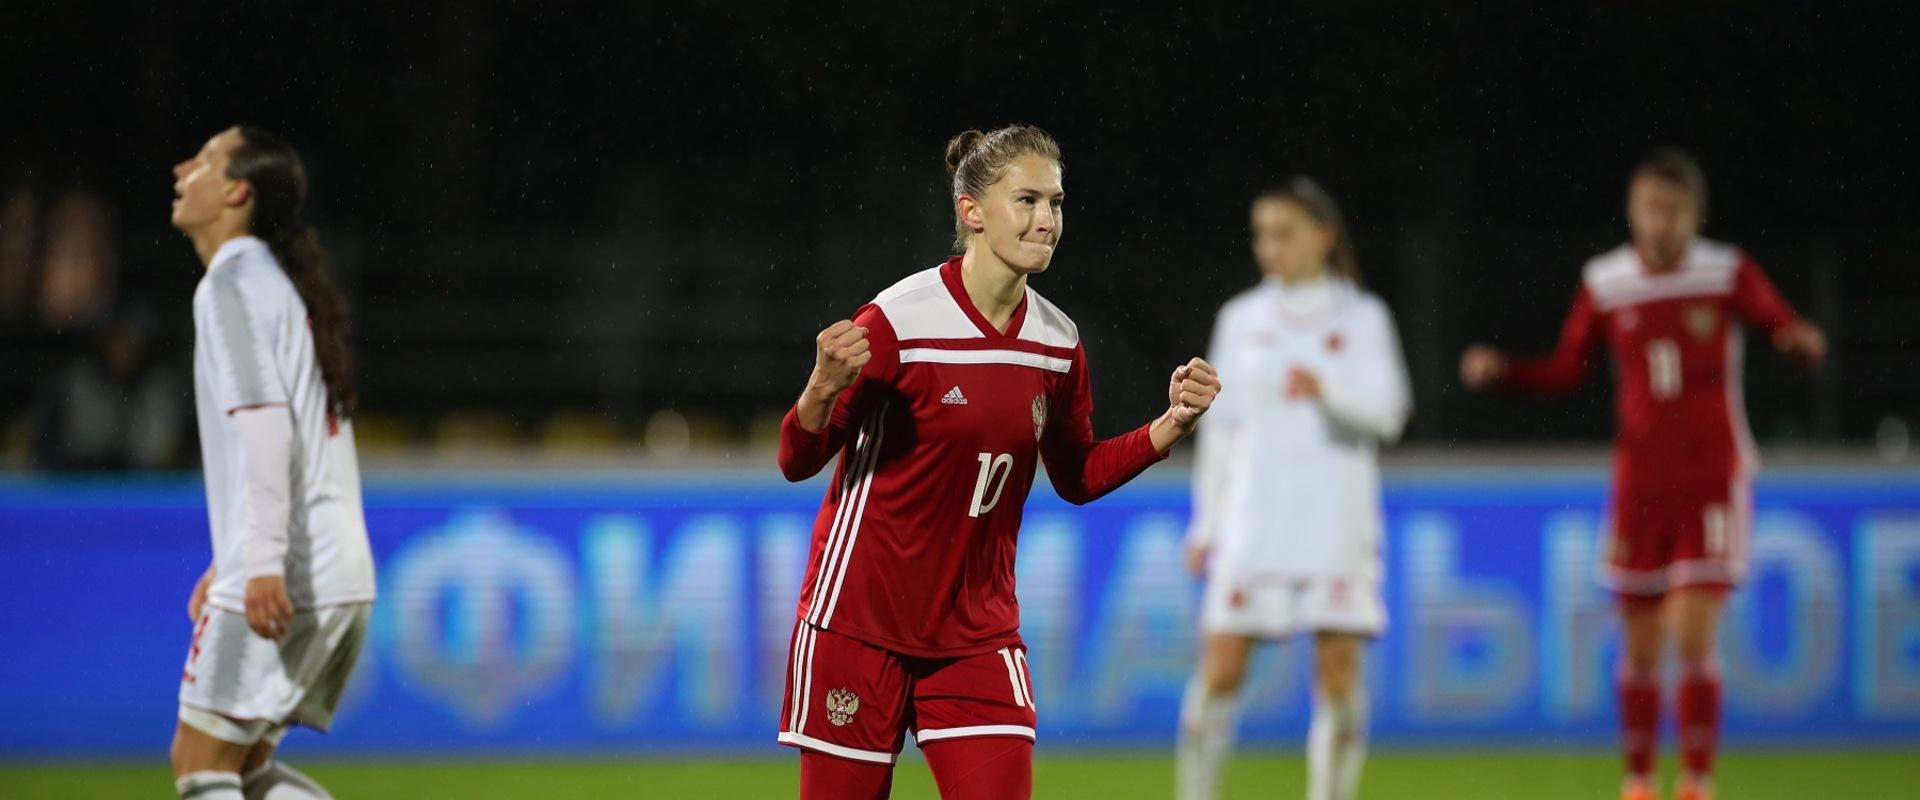 Крупная победа над Черногорией